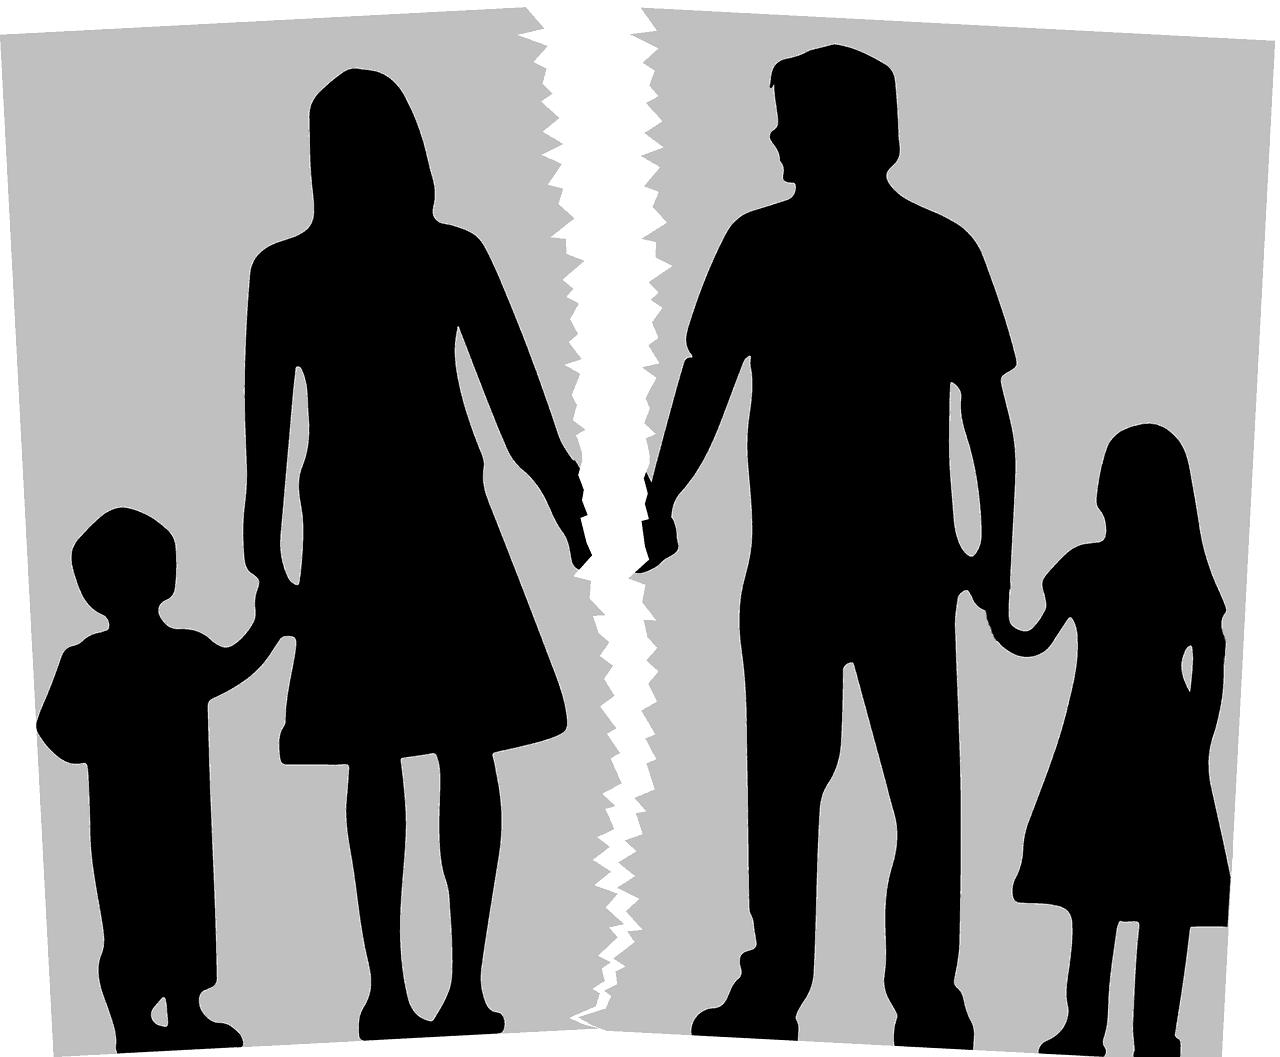 Ero lapsiperheessä osa 2